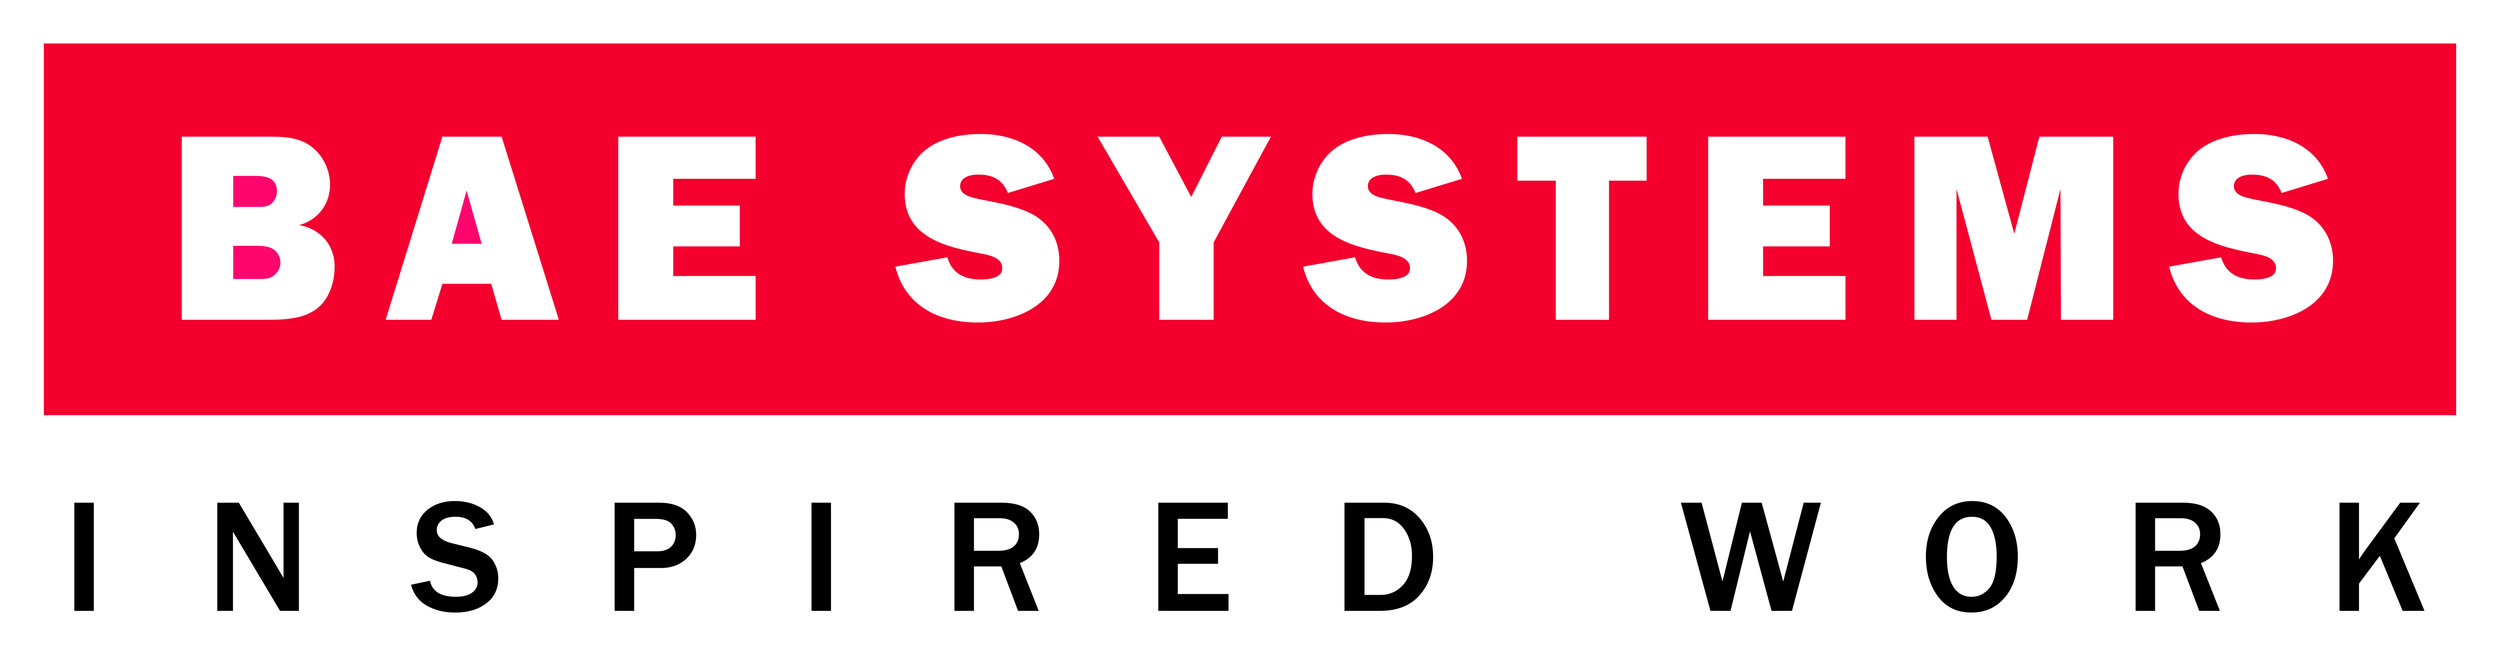 BAE-logo_INSPIRED.jpg